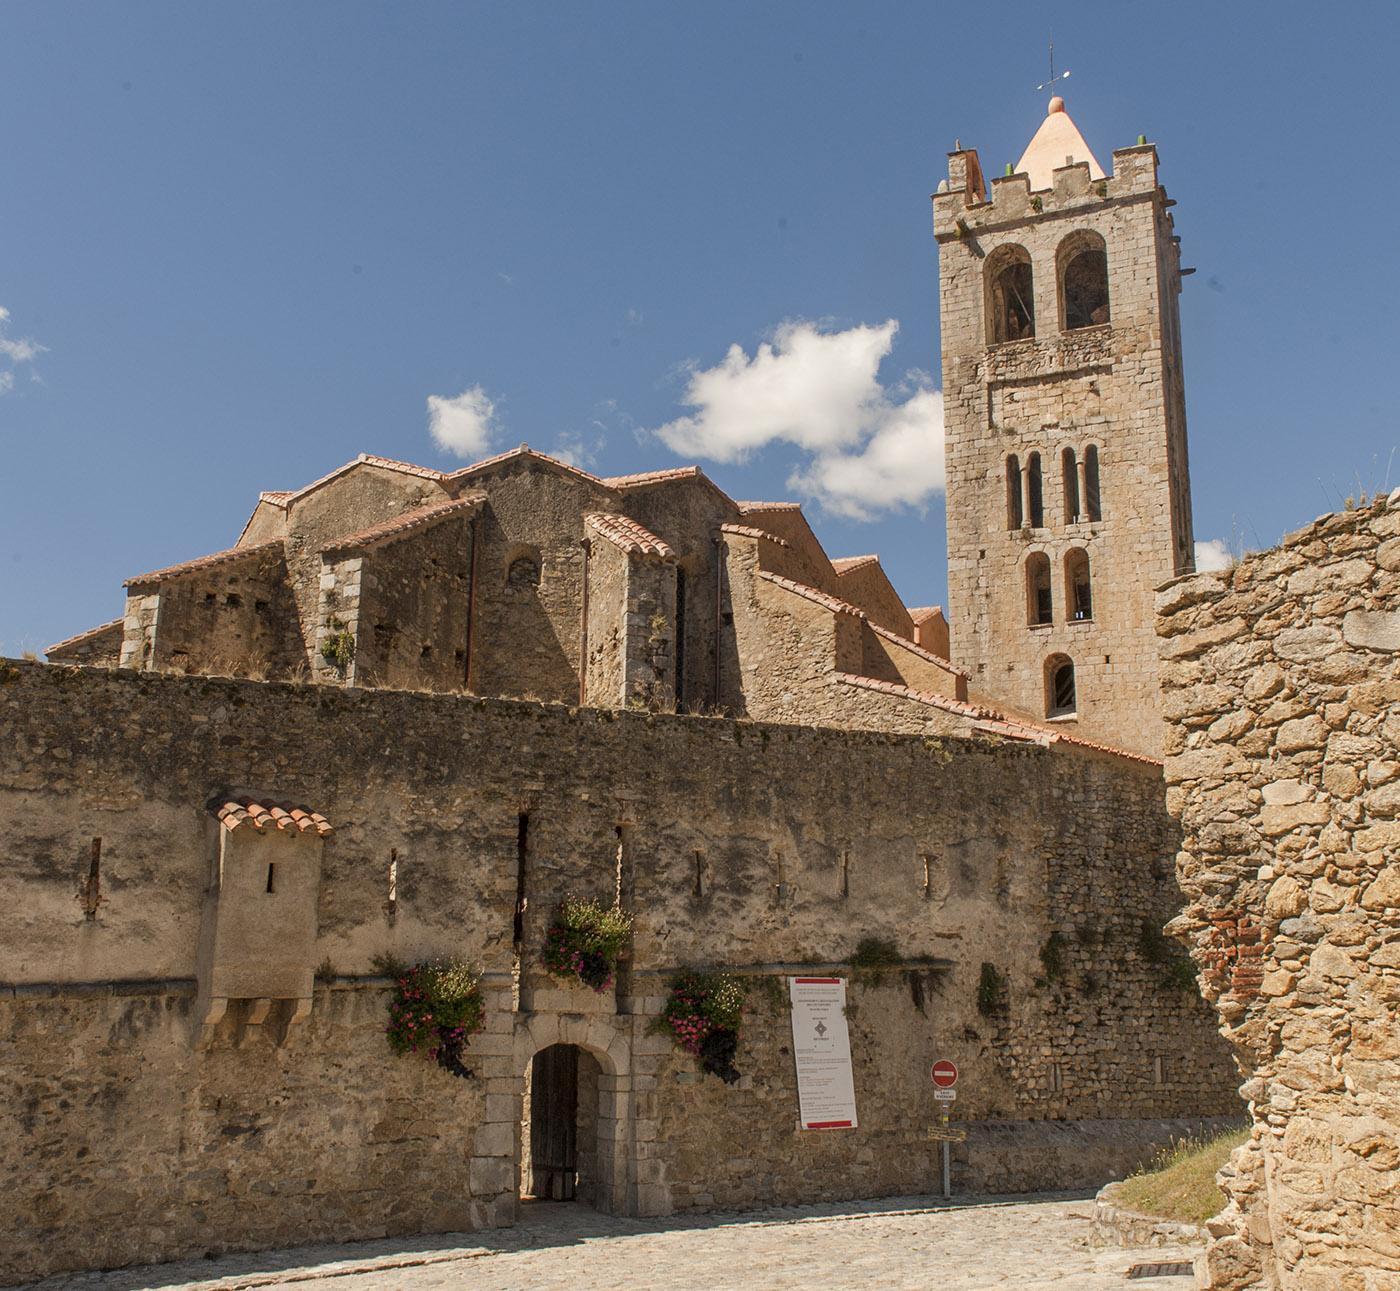 Die Pfarrkirche von Prats-de-Mollo ist in die Stadtmauer integriert. Foto: Hilke Maunder